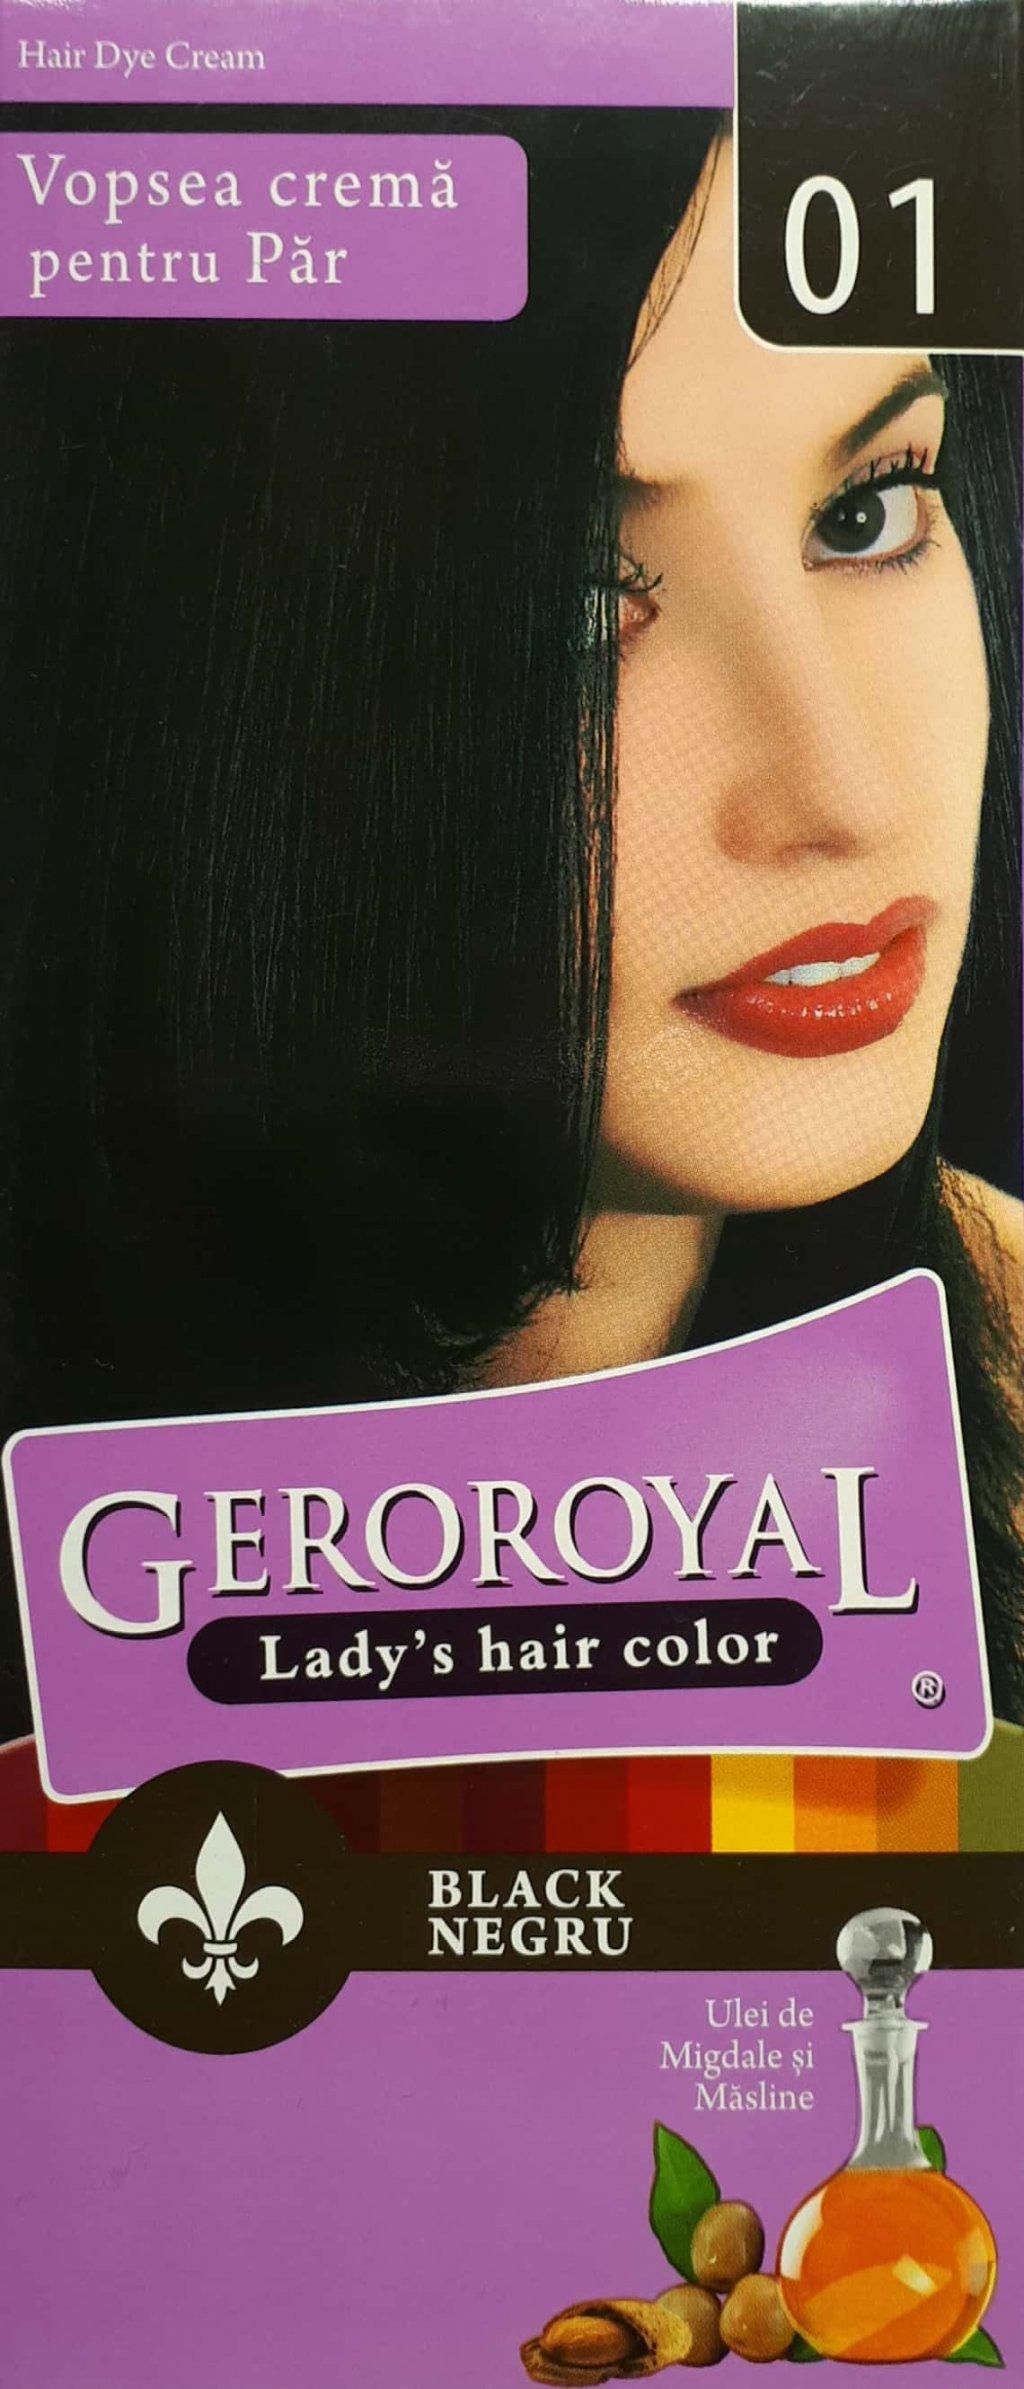 Vopsea crema pentru par Geroroyal Negru 01